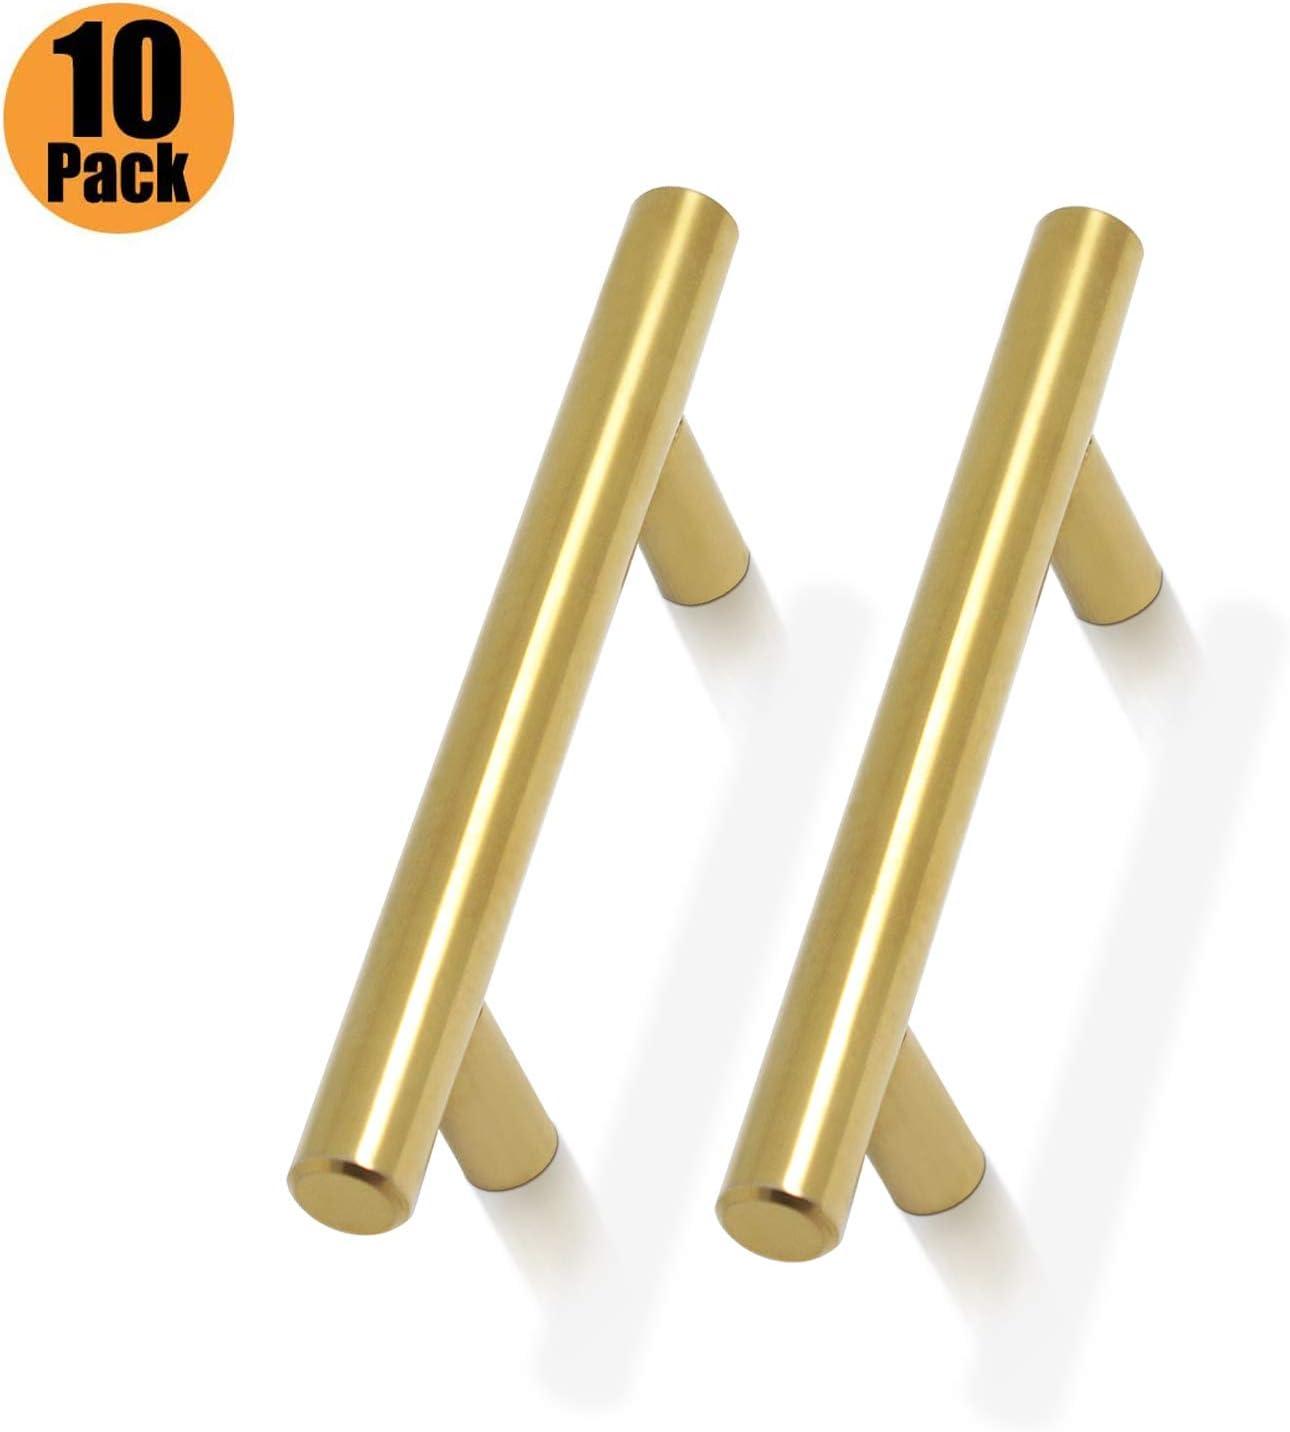 Probrico Tiradores para puerta de cocina lat/ón dorado, mango de acero inoxidable, incluye tornillos . Paquete de 30 5in oro Hole Centers:128mm acero inoxidable